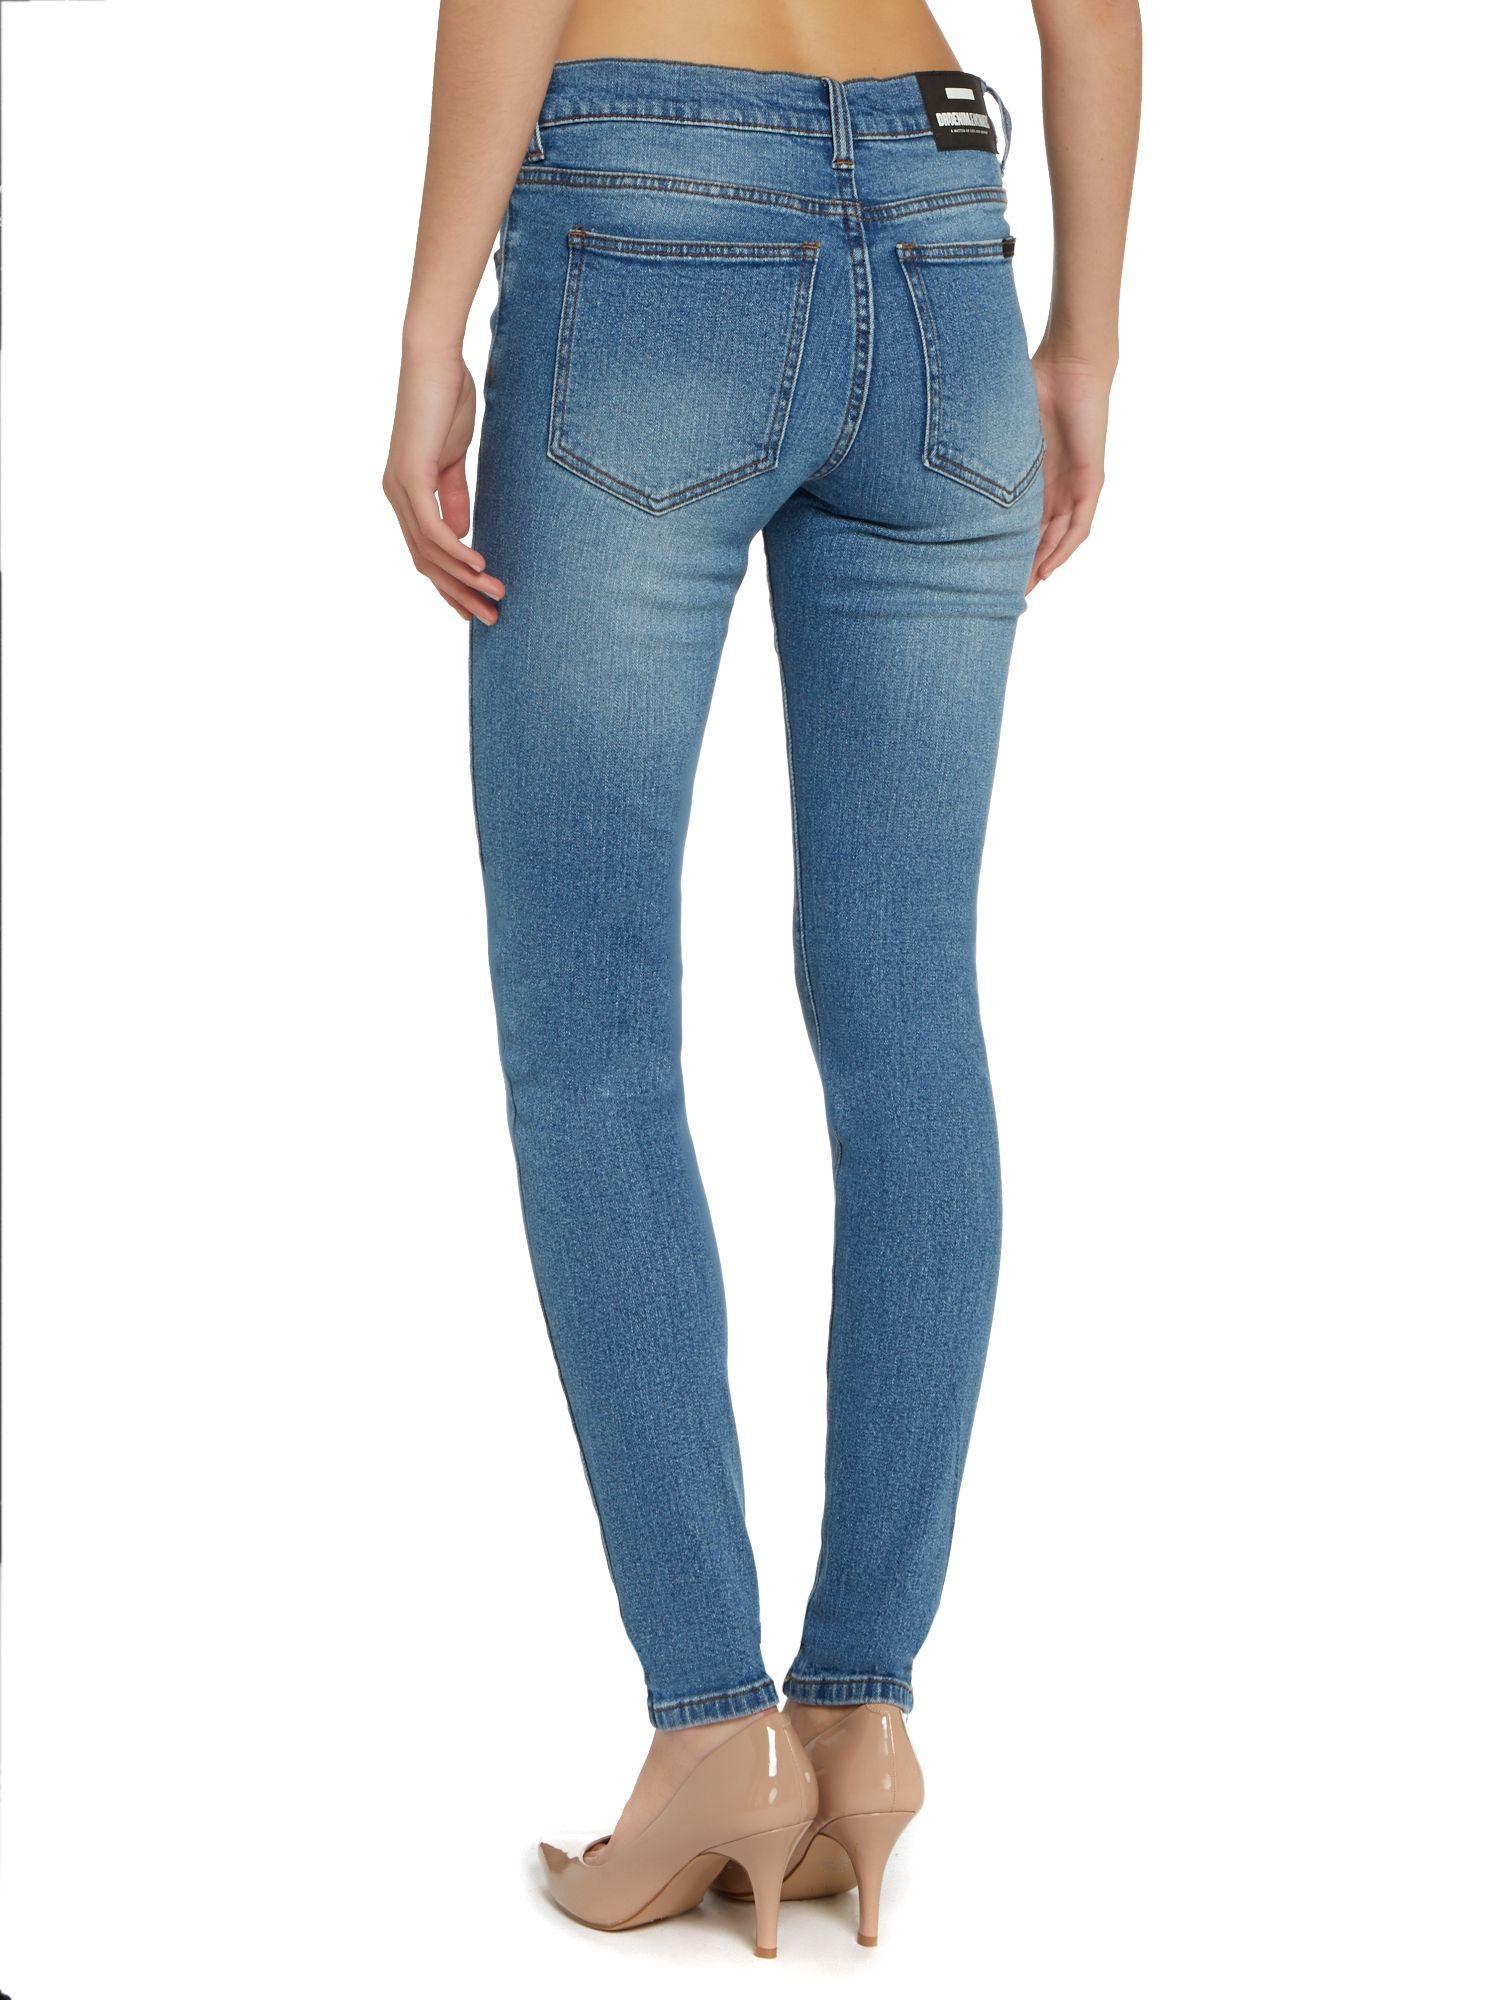 Dr. Denim Regina 5 Pocket Skinny Jeans in Denim Light Wash (Blue)